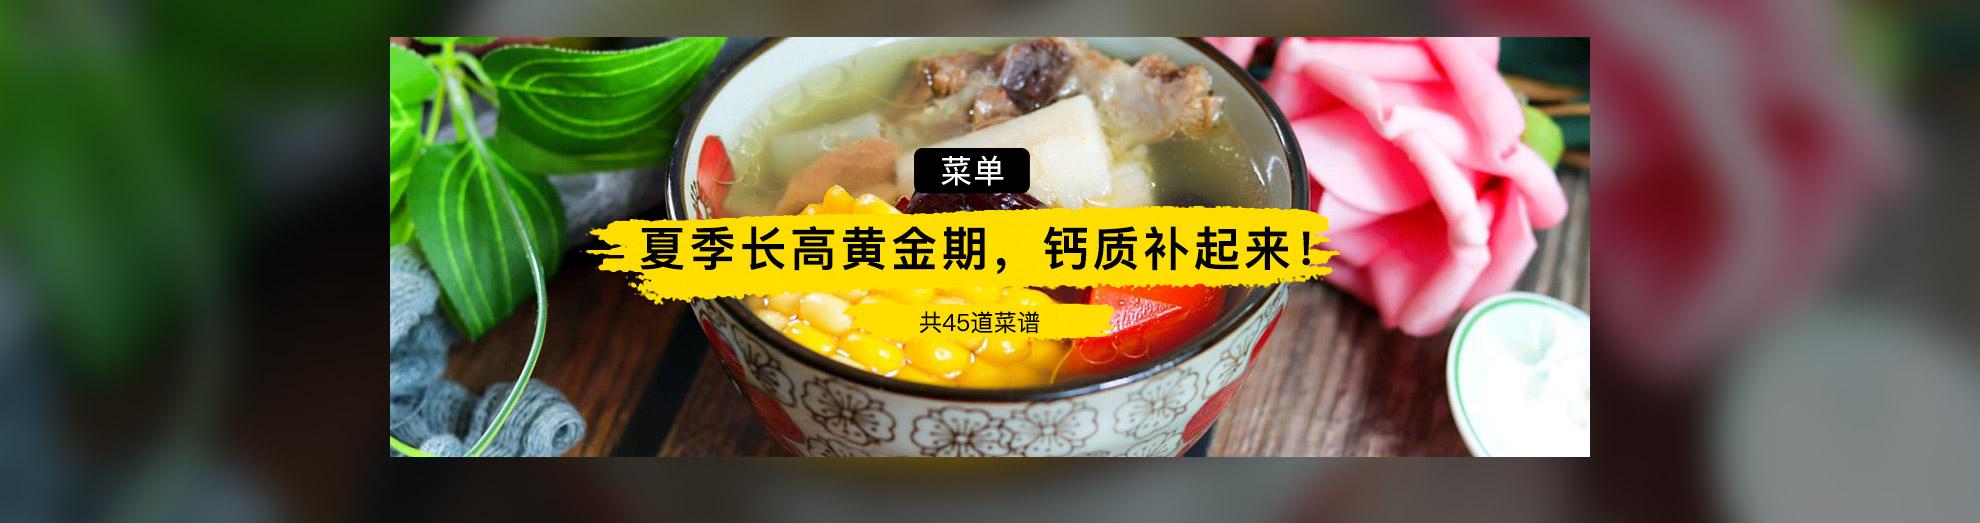 夏季长高黄金期,钙质补起来!}